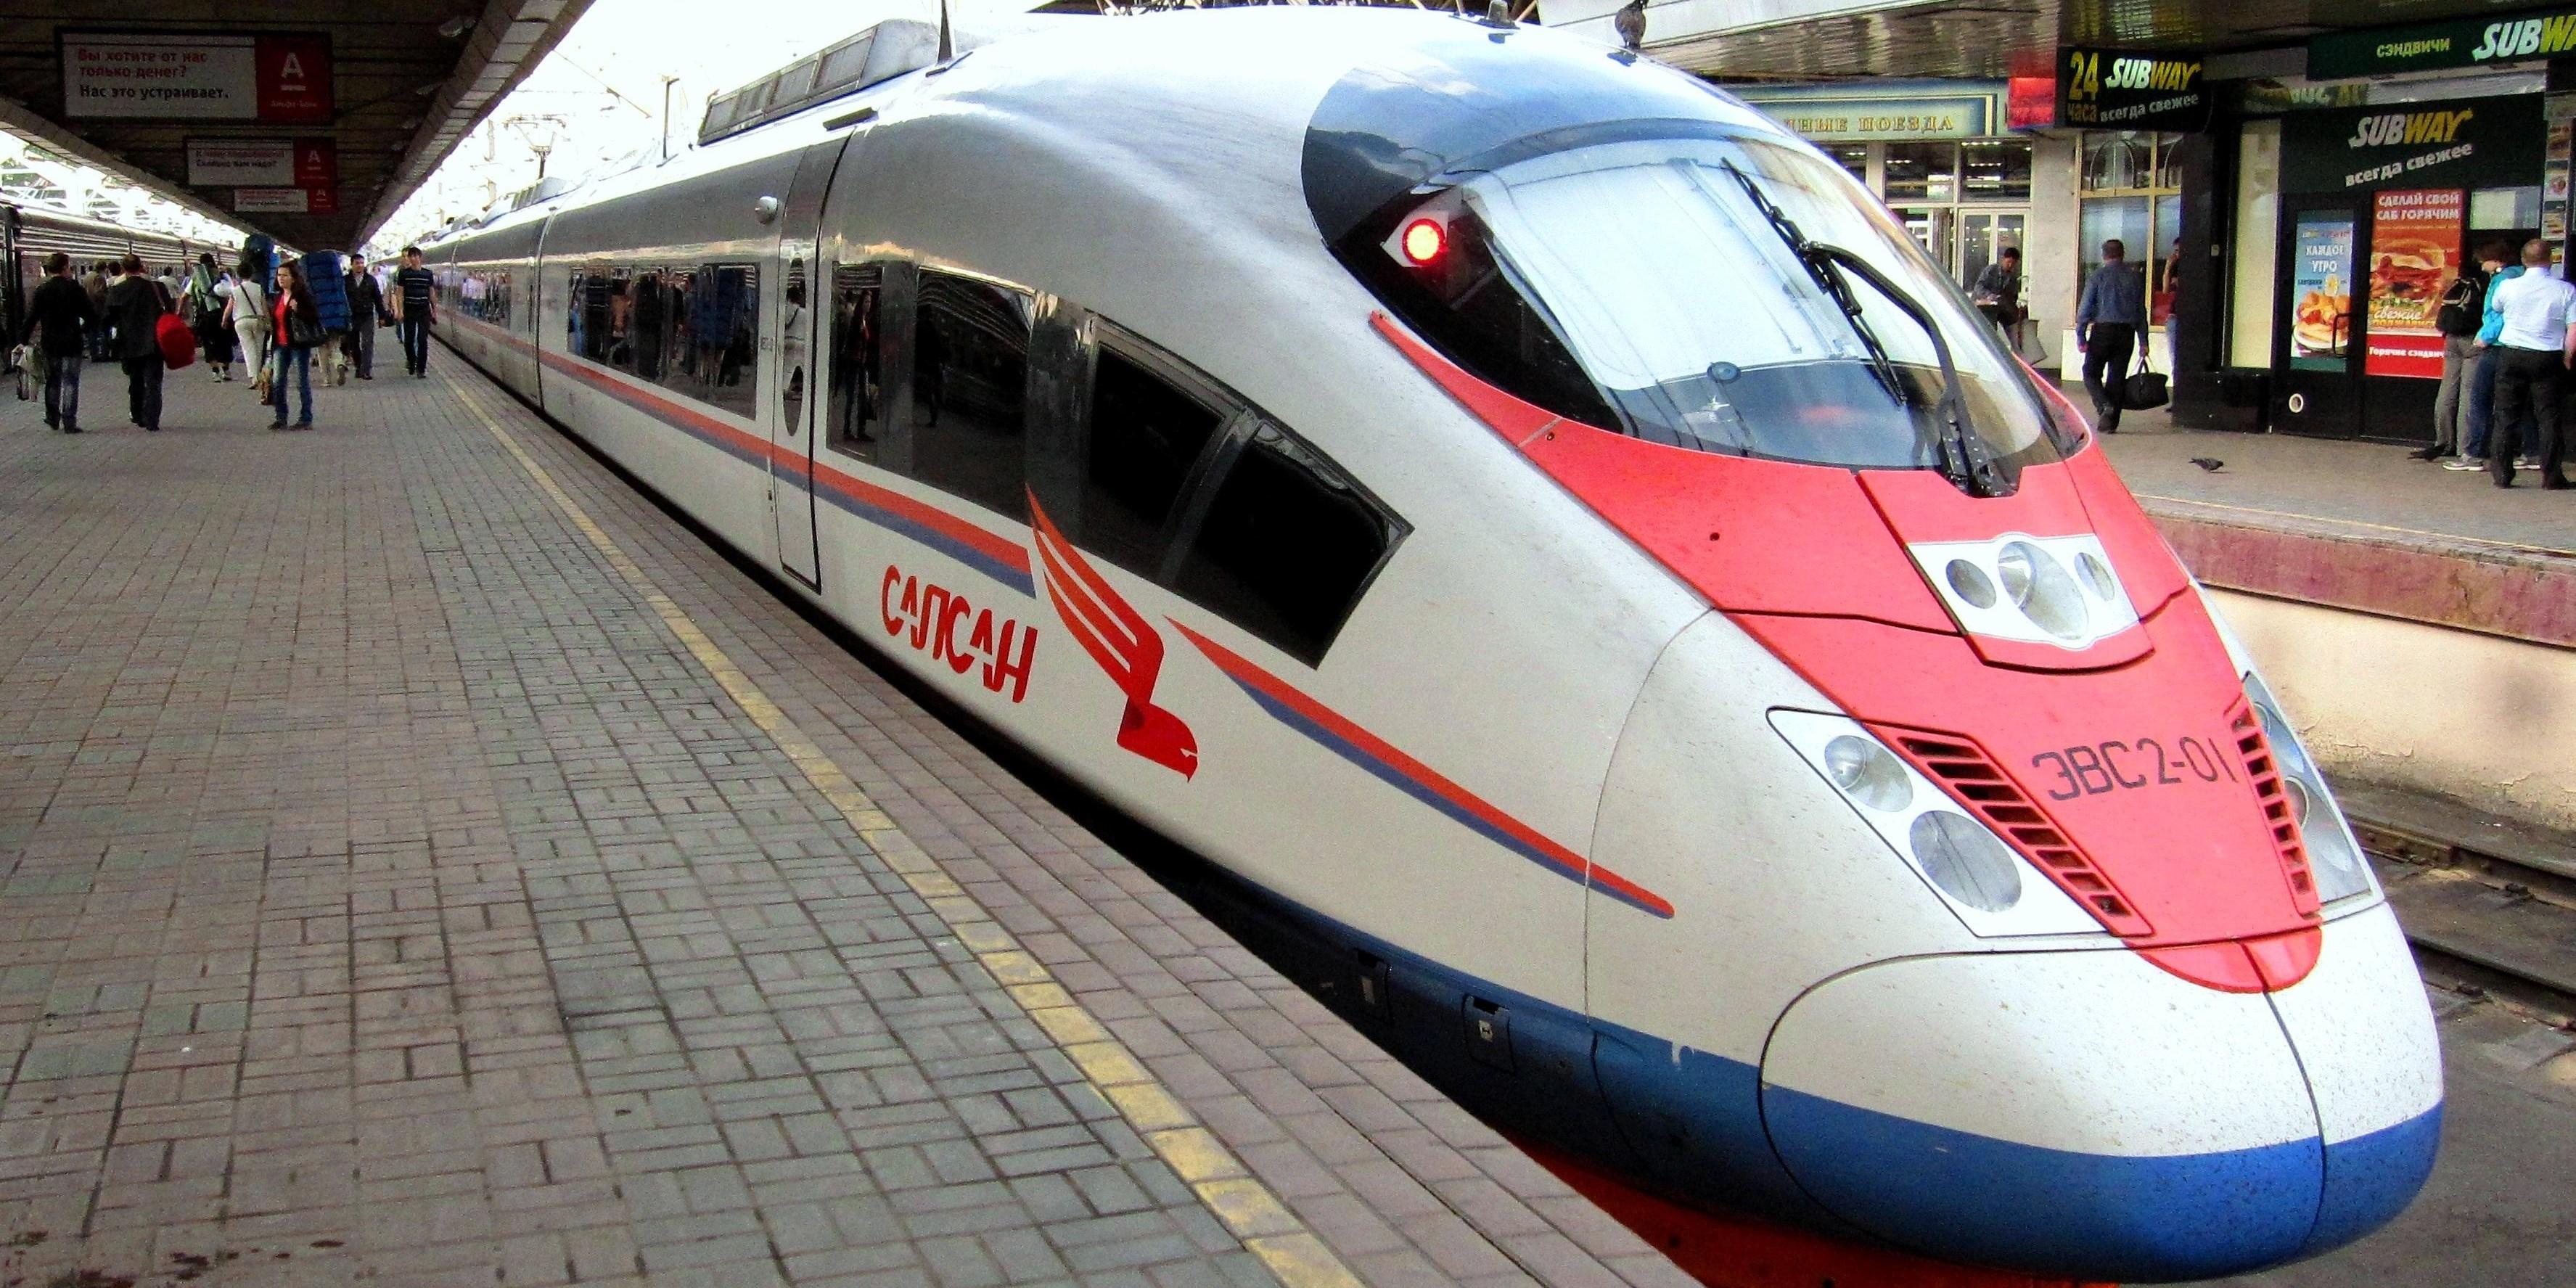 Пассажир взломал Wi-Fi в «Сапсане» за 20 минут и получил данные всех пассажиров